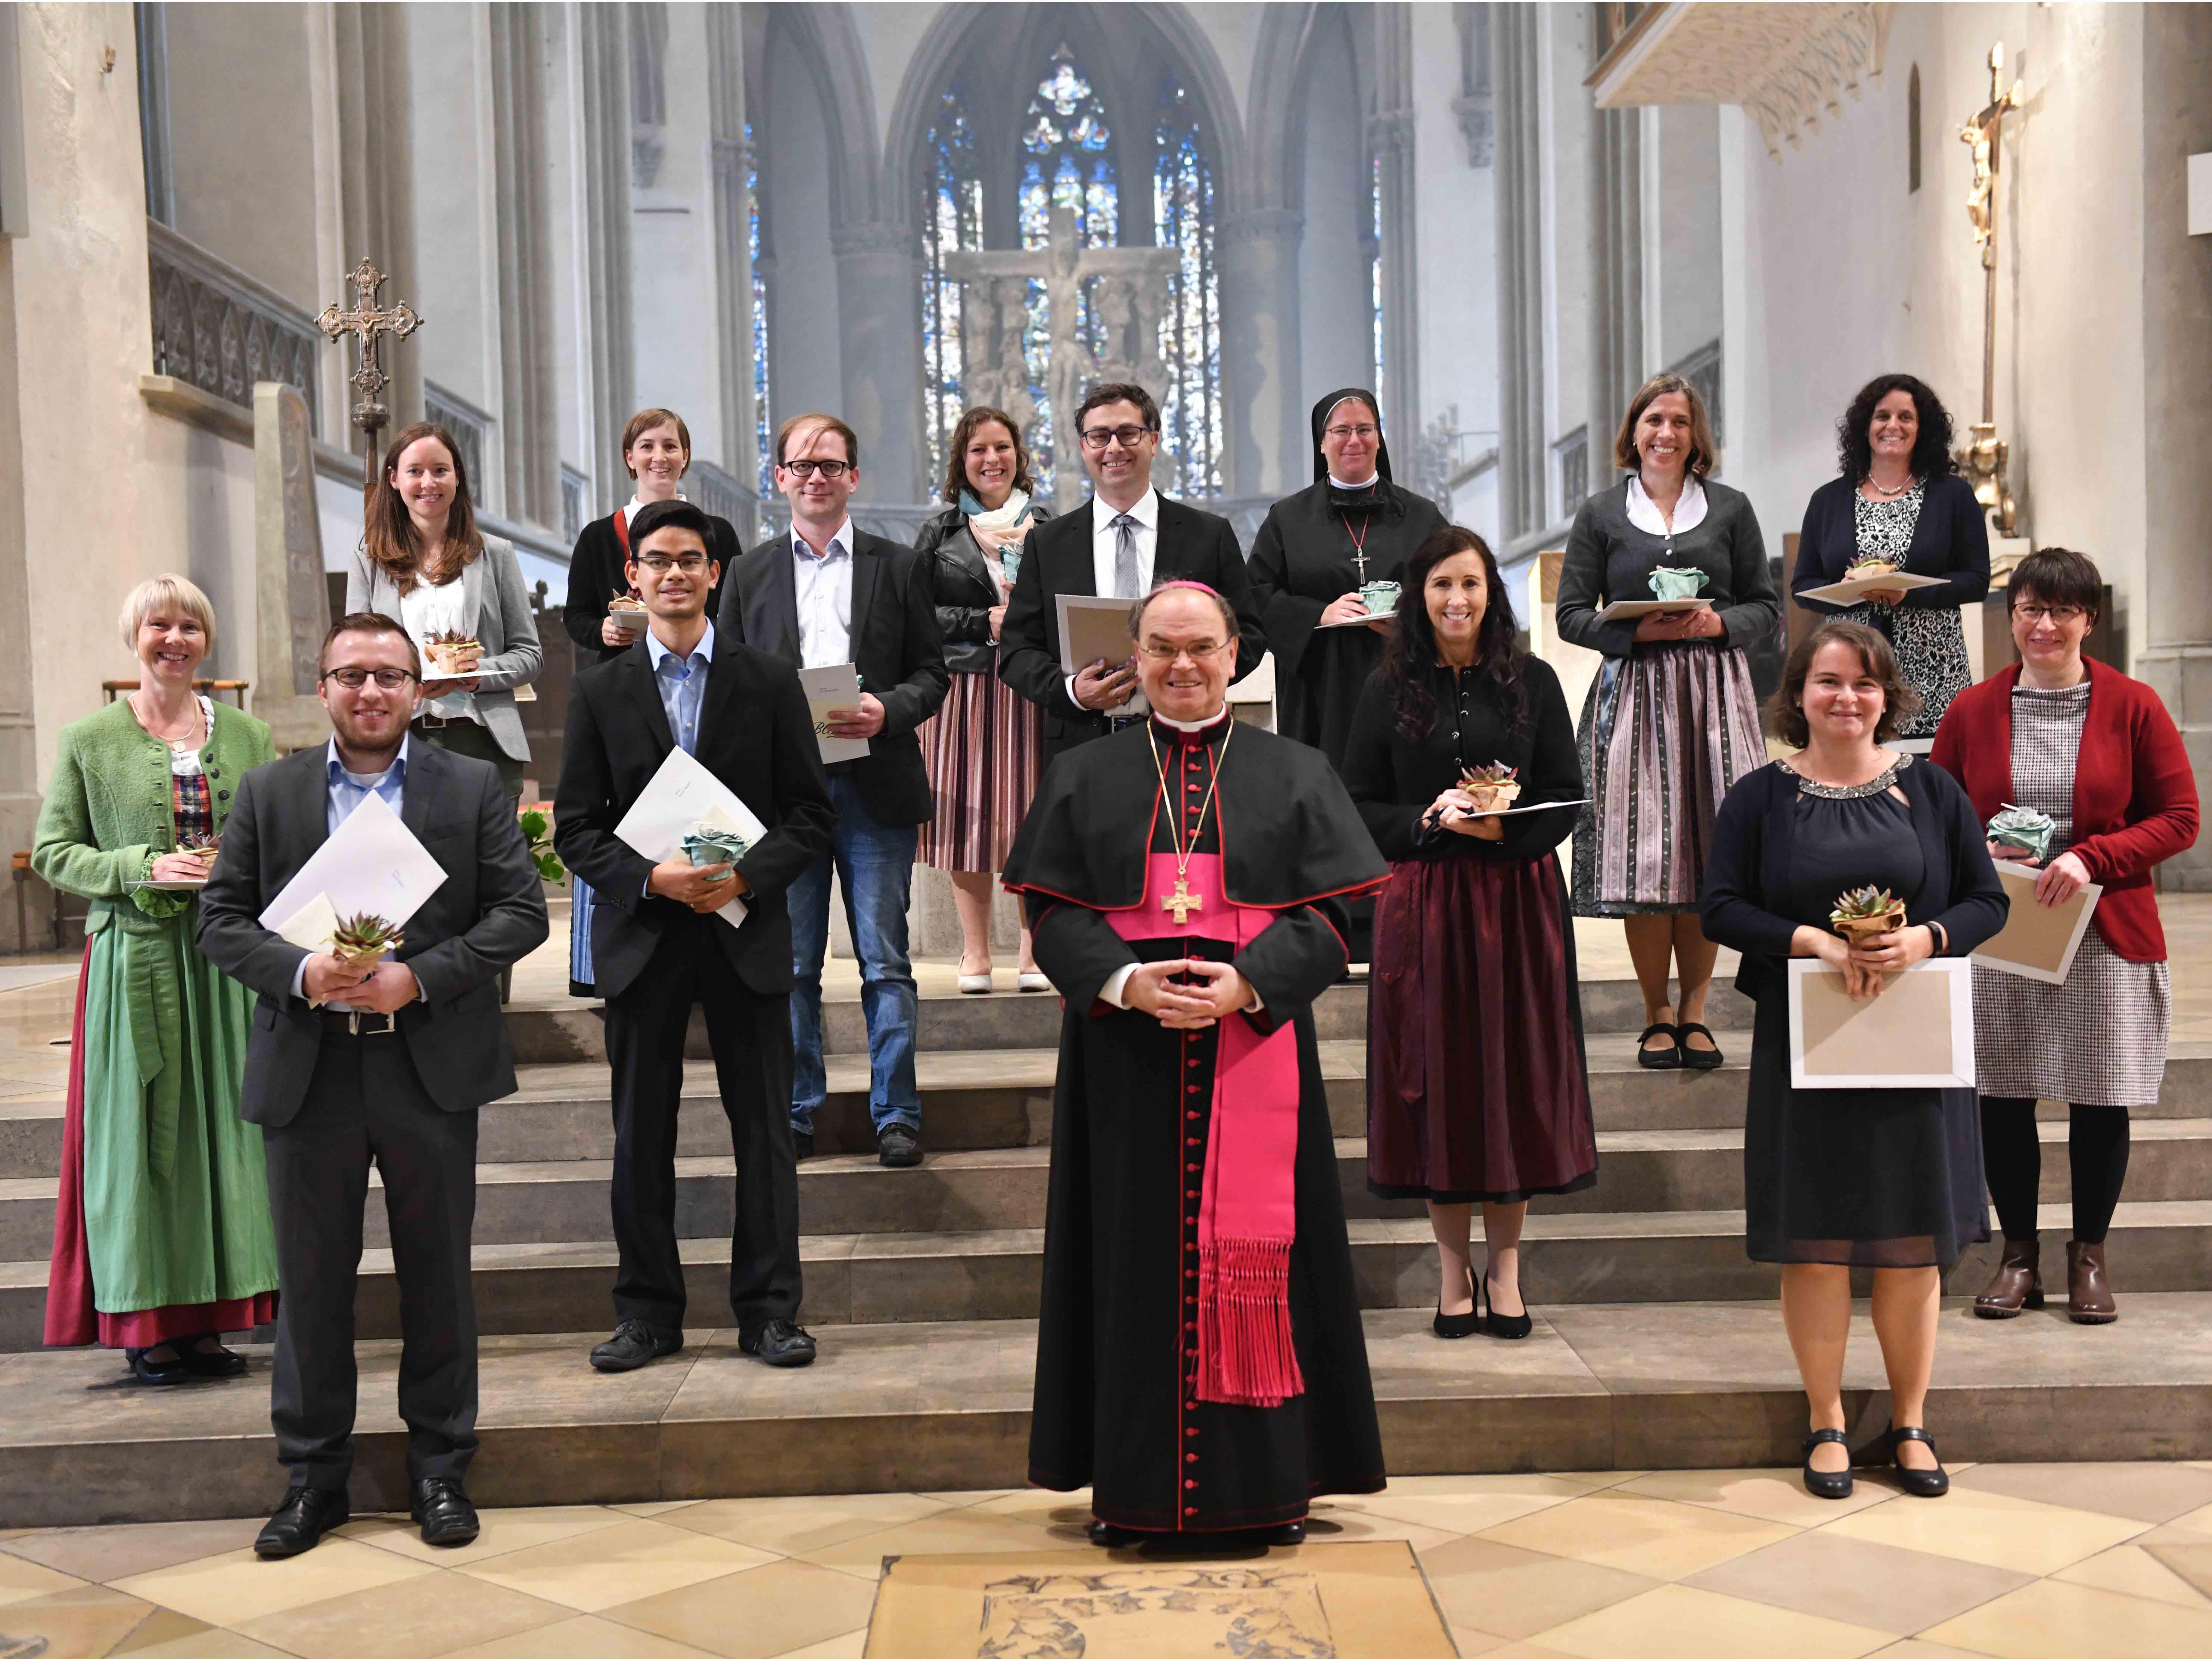 Bei einem feierlichen Gottesdienst hat Bischof Bertram heute 14 neue pastorale Mitarbeiter ausgesendet. (Fotos: Maria Steber / pba)